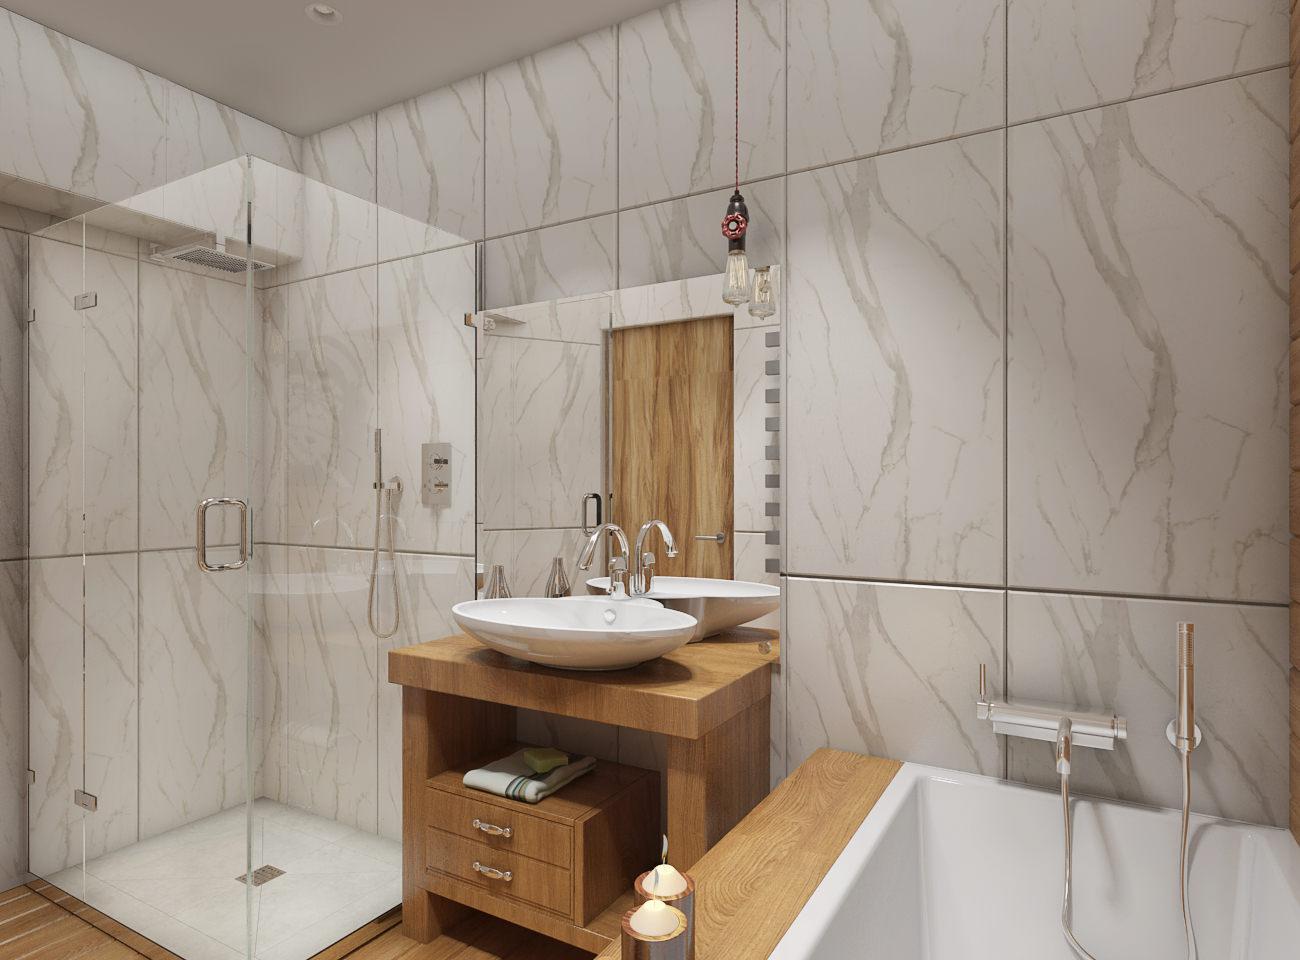 Ванная без унитаза с деревянной мебелью